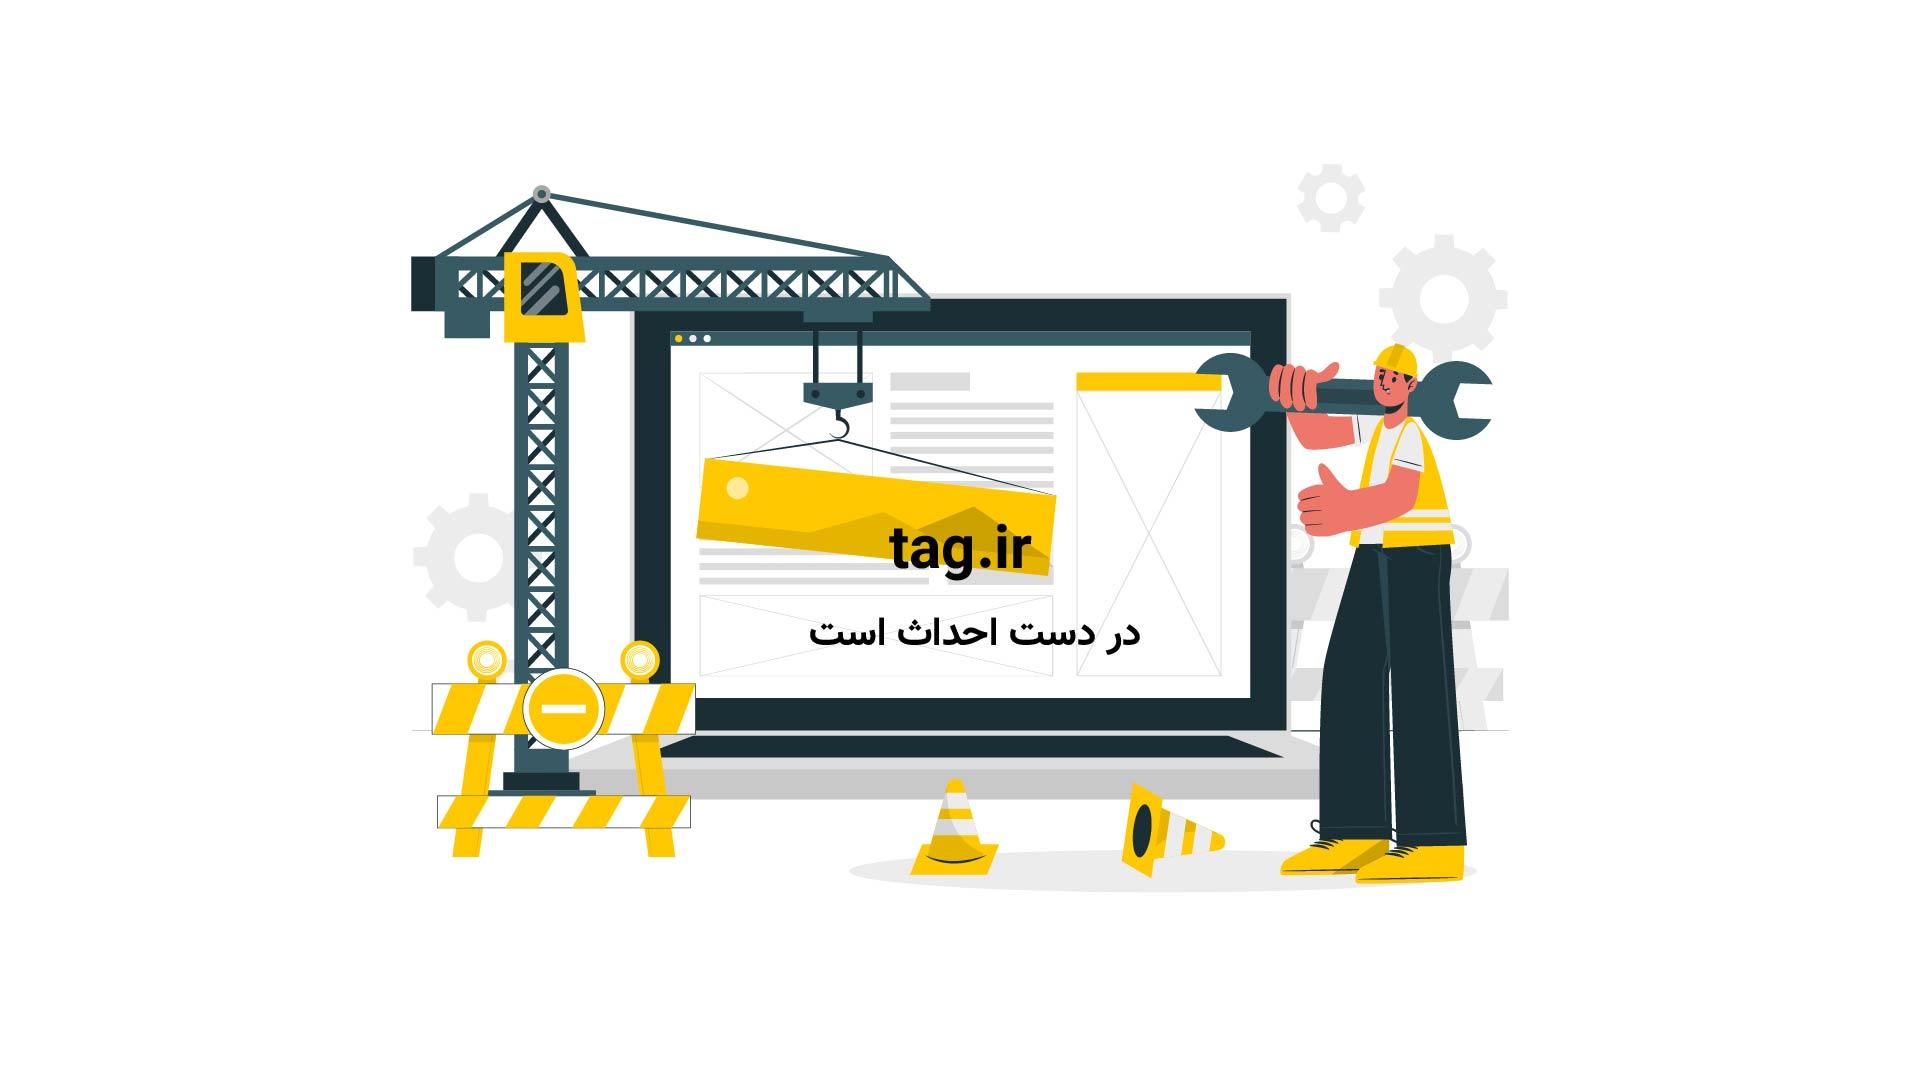 شامپانزه مادر برای استفاده از ابزار به فرزند خود آموزش می دهد | فیلم